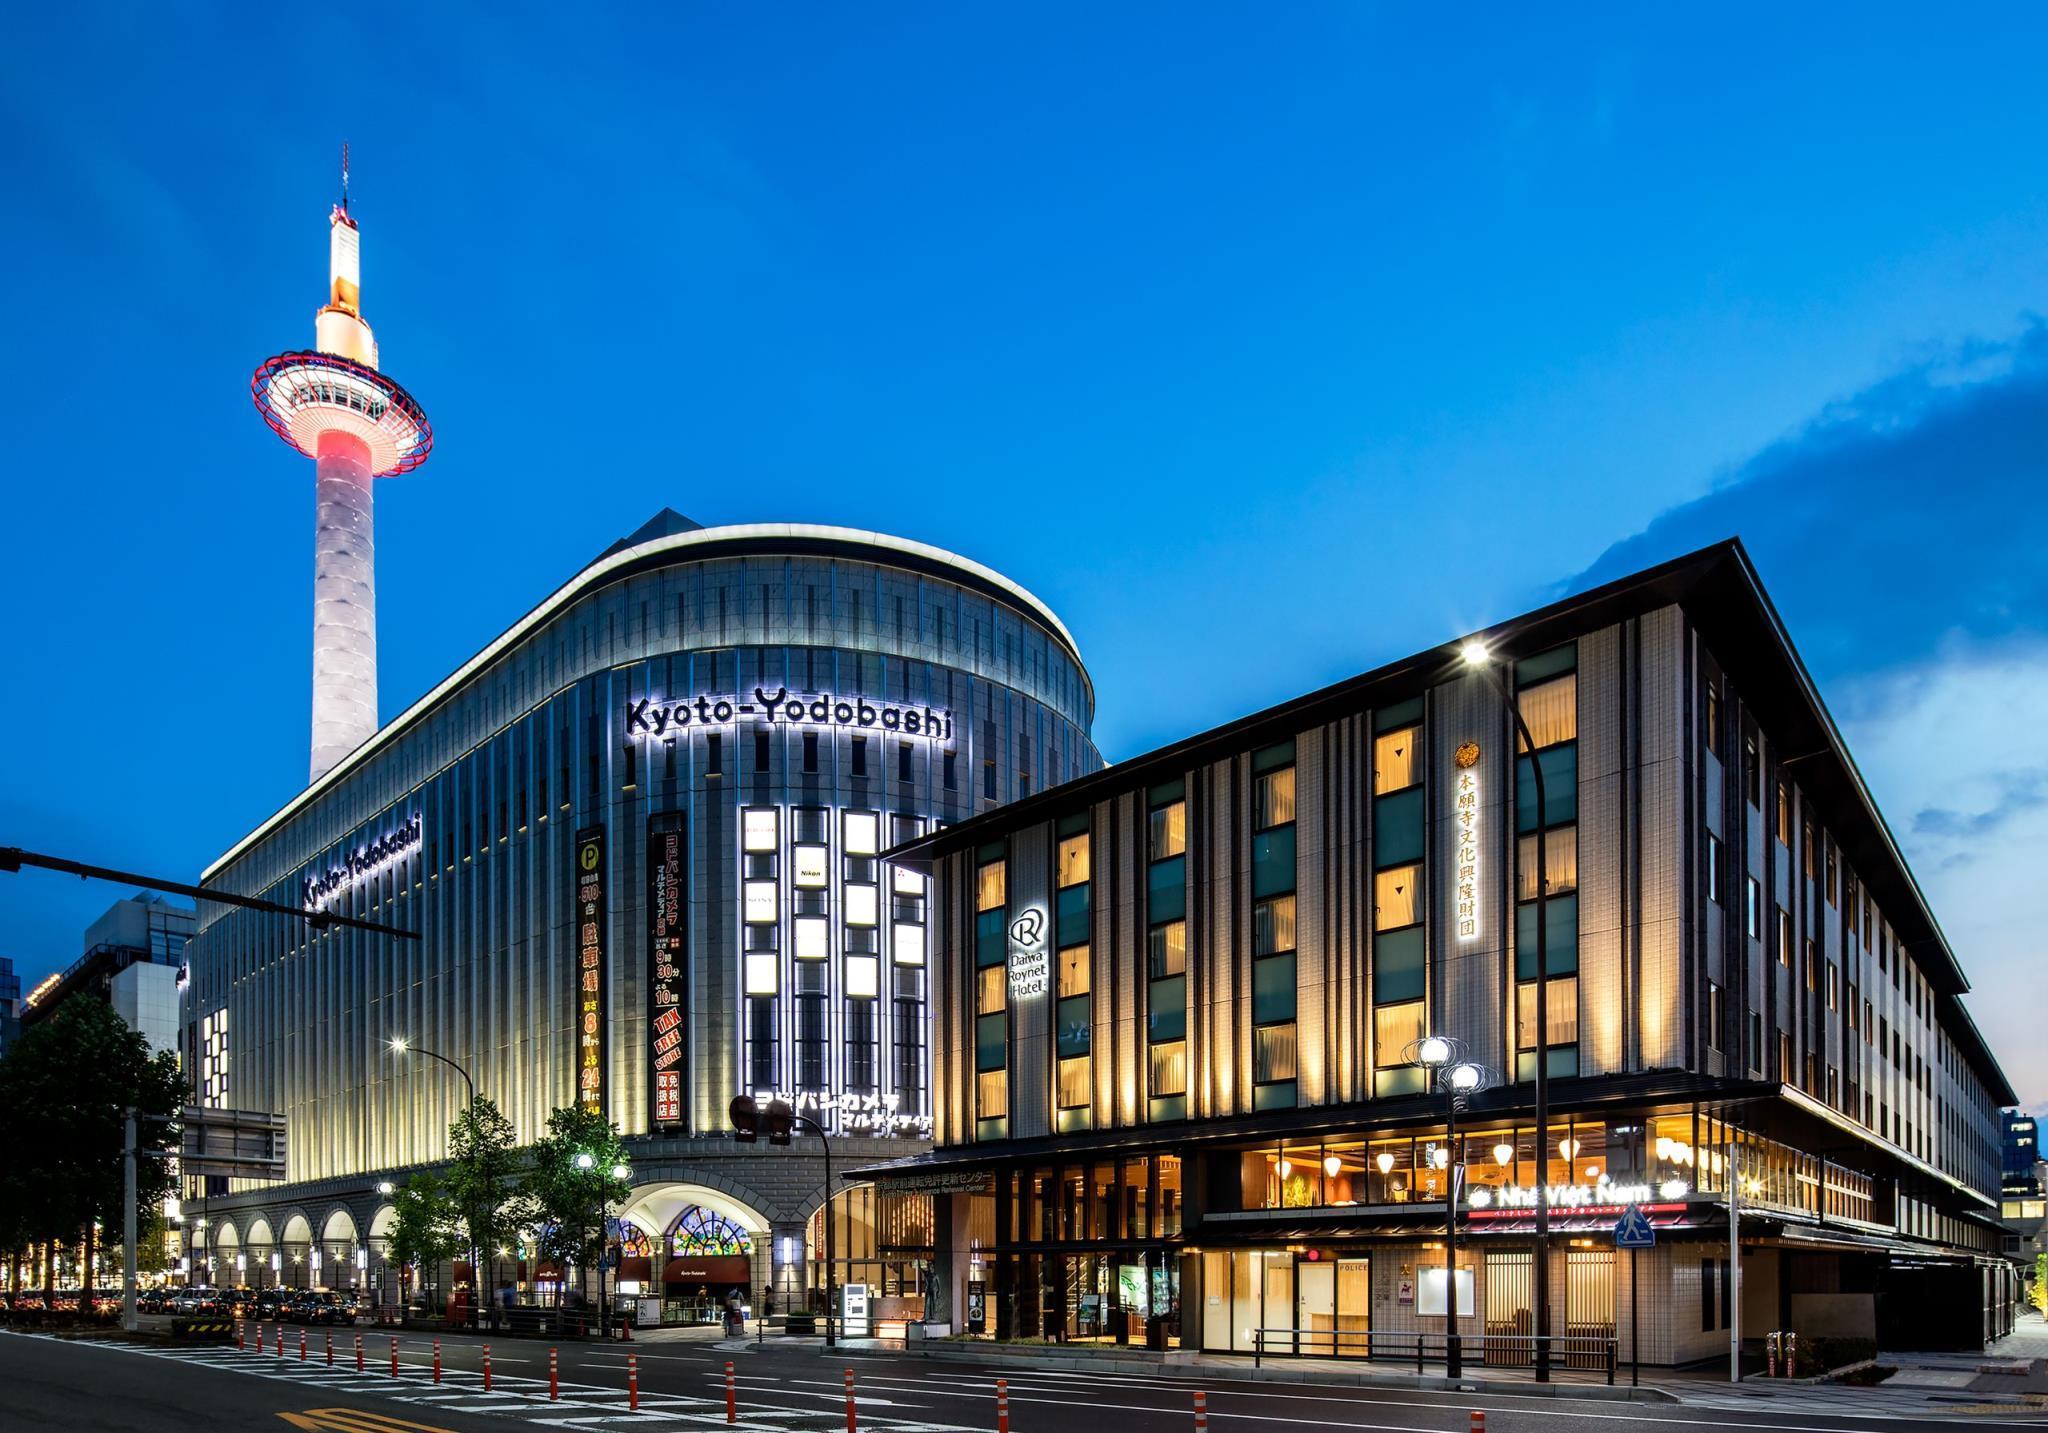 โรงแรมไดวะ รอยเนต เกียวโต เอกิมะเอะ